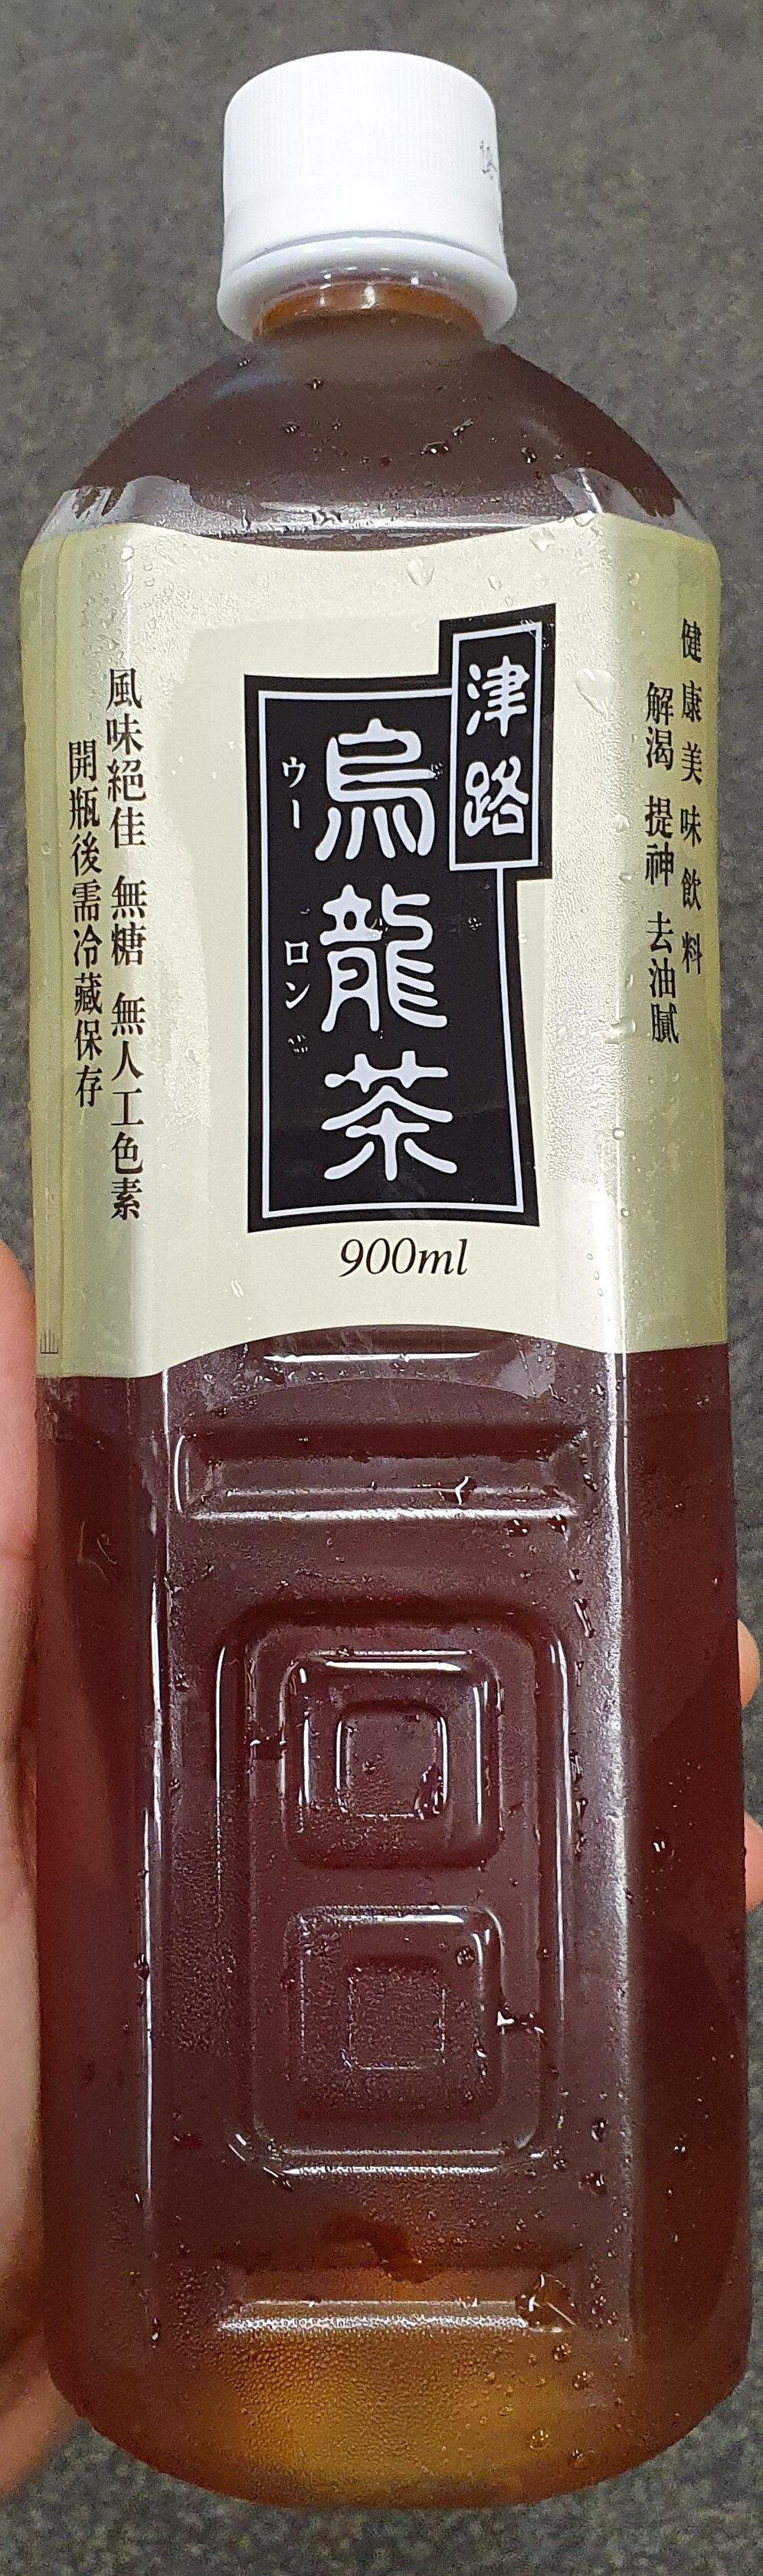 烏龍茶 - Produit - zh